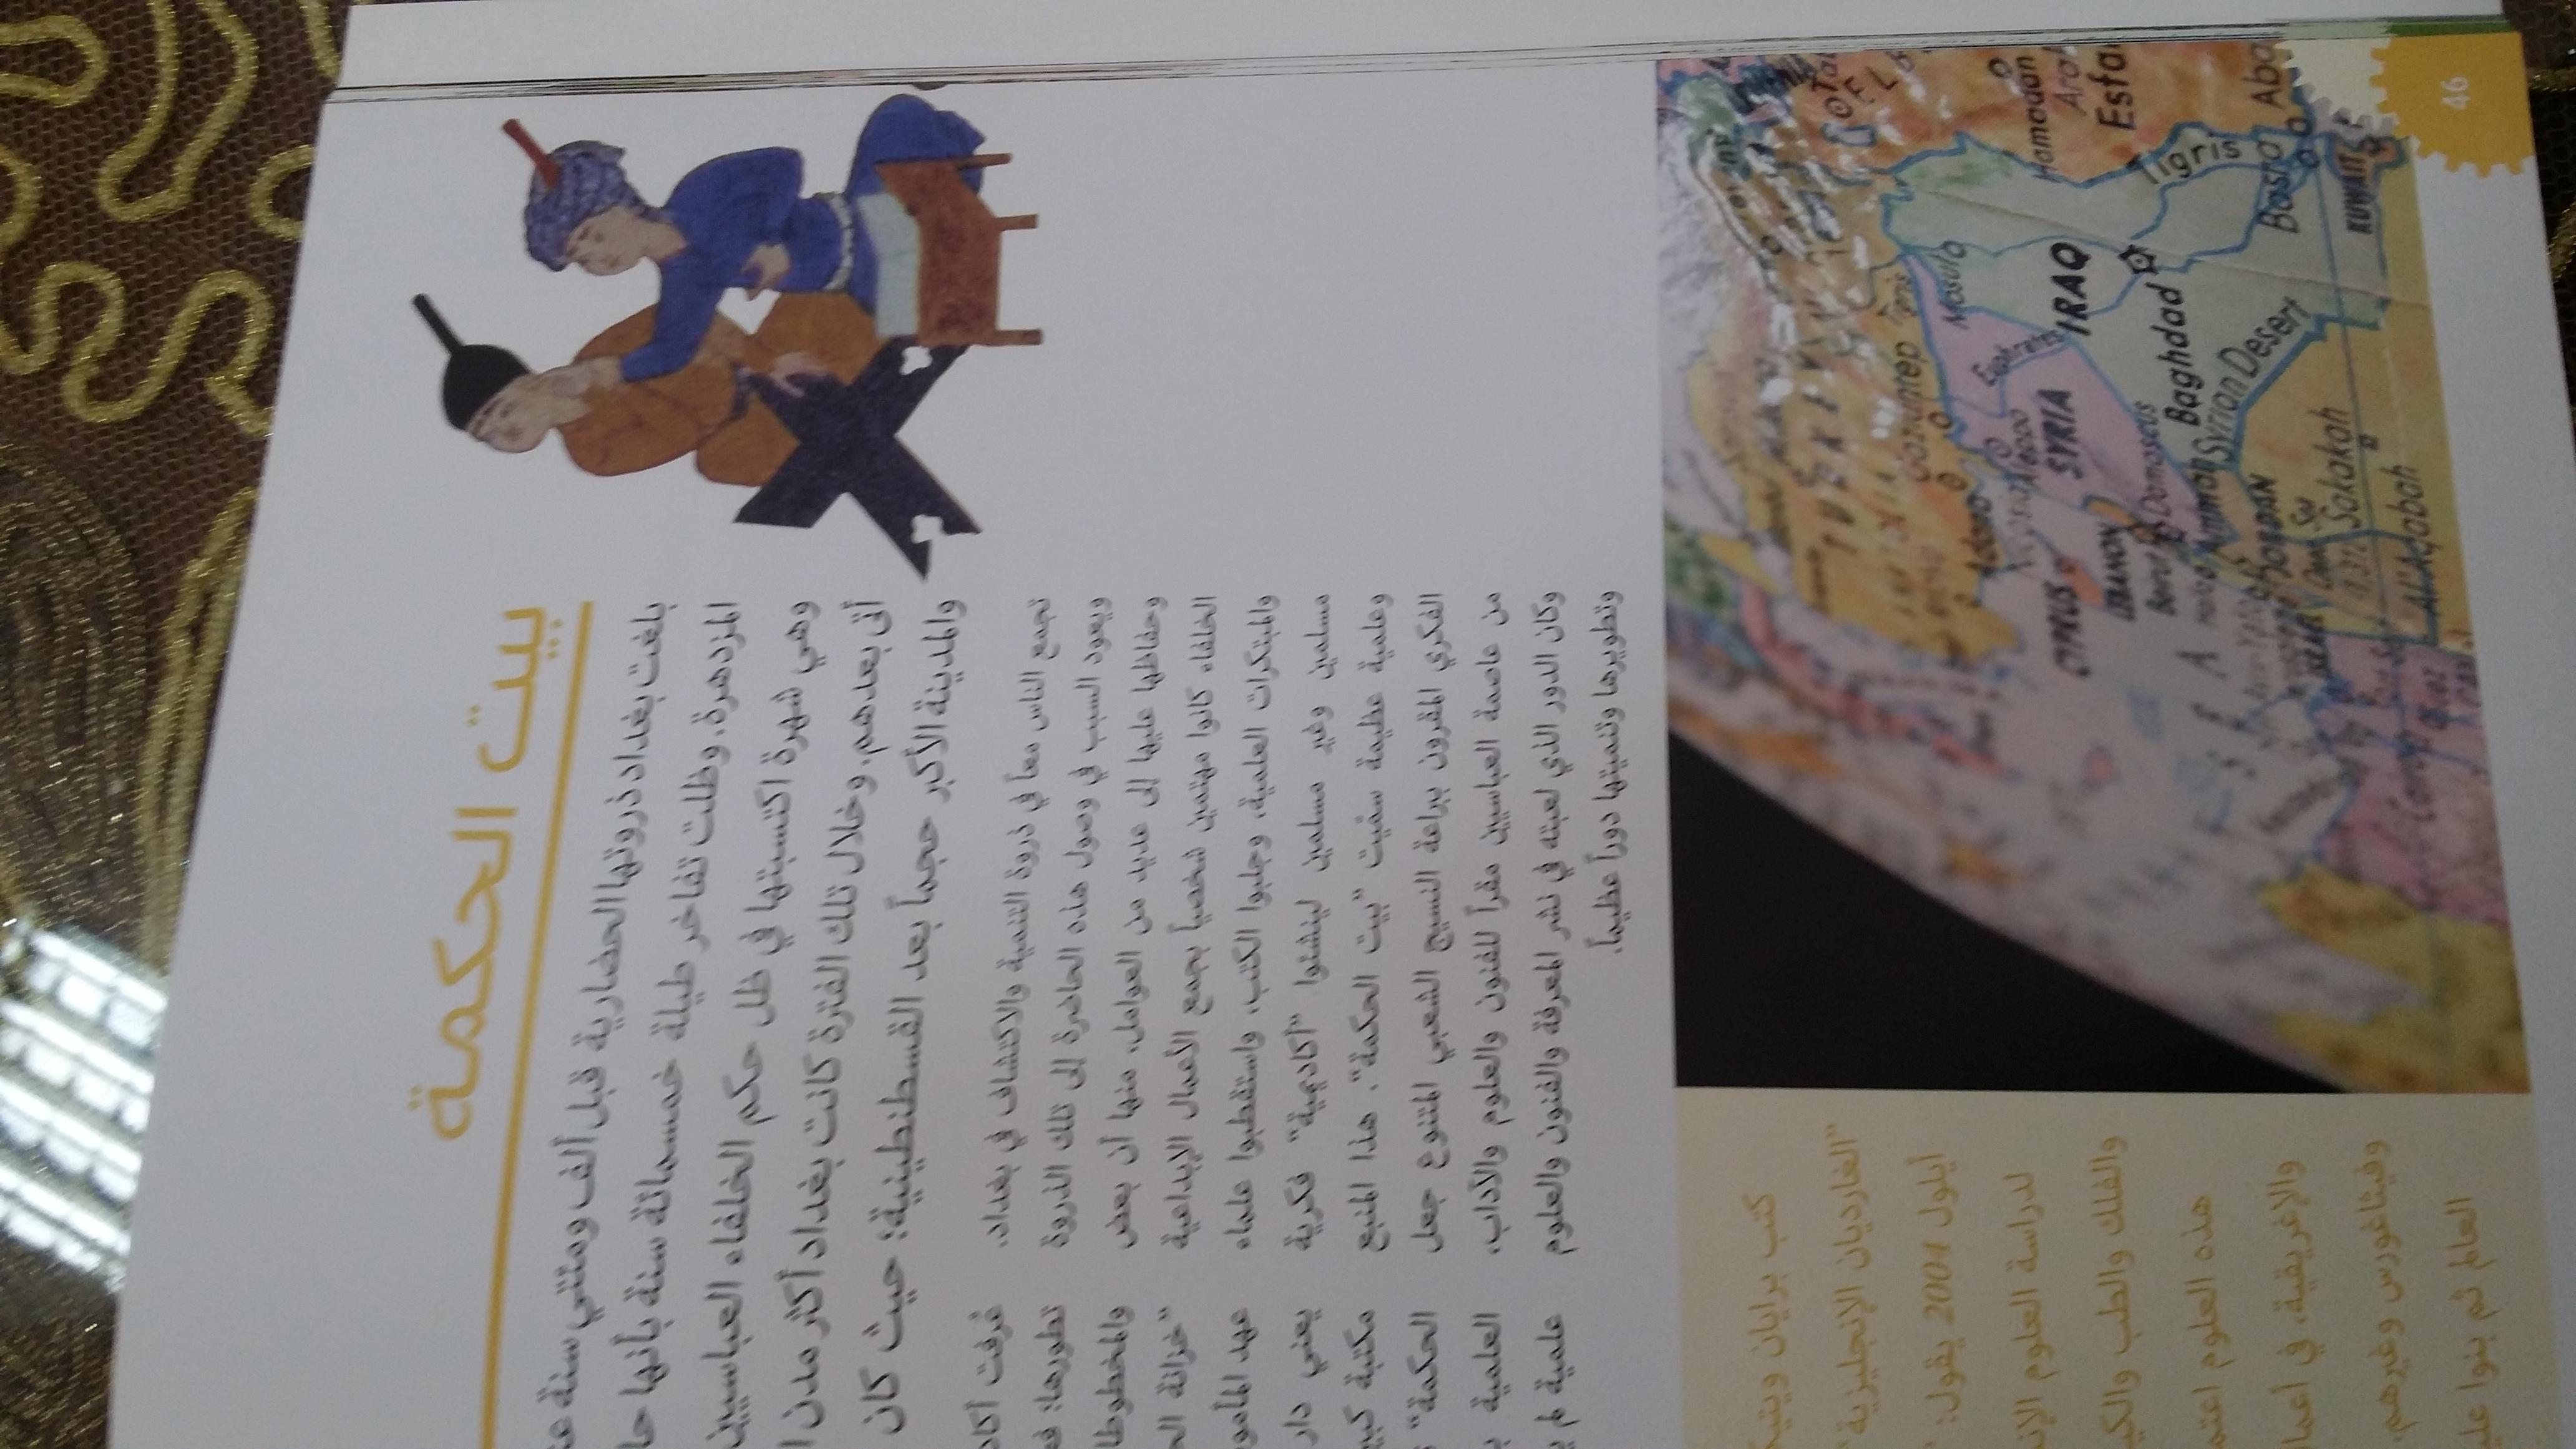 شطب كلمة أورشليم فى كتاب ألف اختراع واختراع